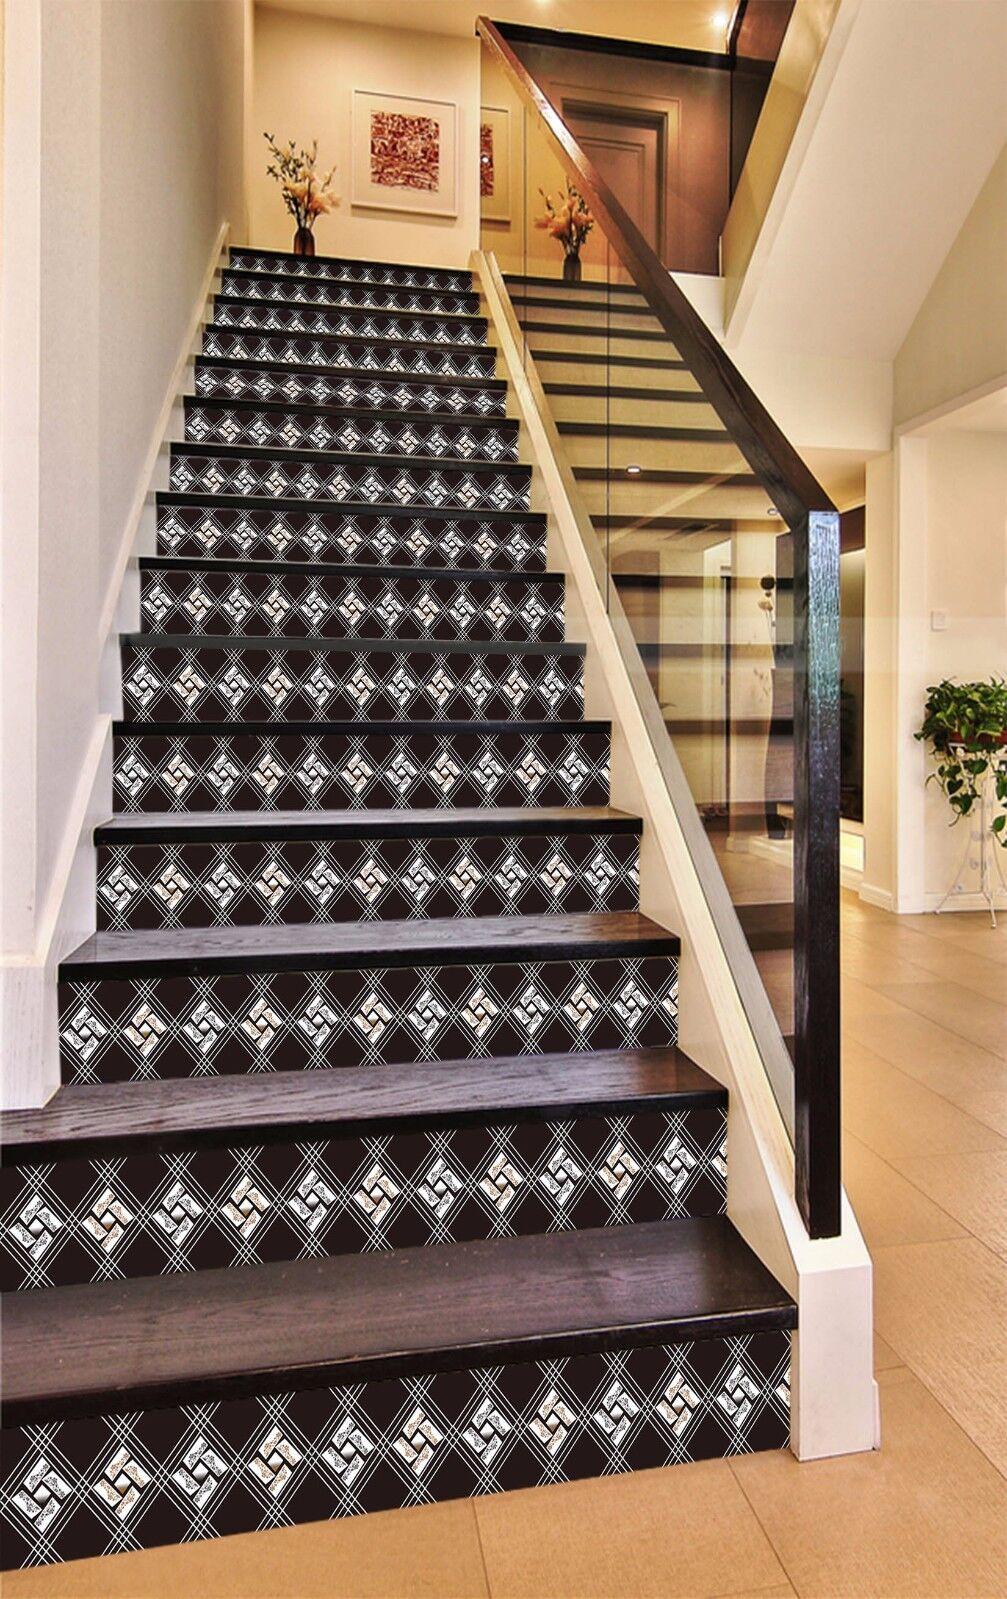 3D Gitter 447 Stair Risers Dekoration Fototapete Vinyl Aufkleber Tapete DE Lemon